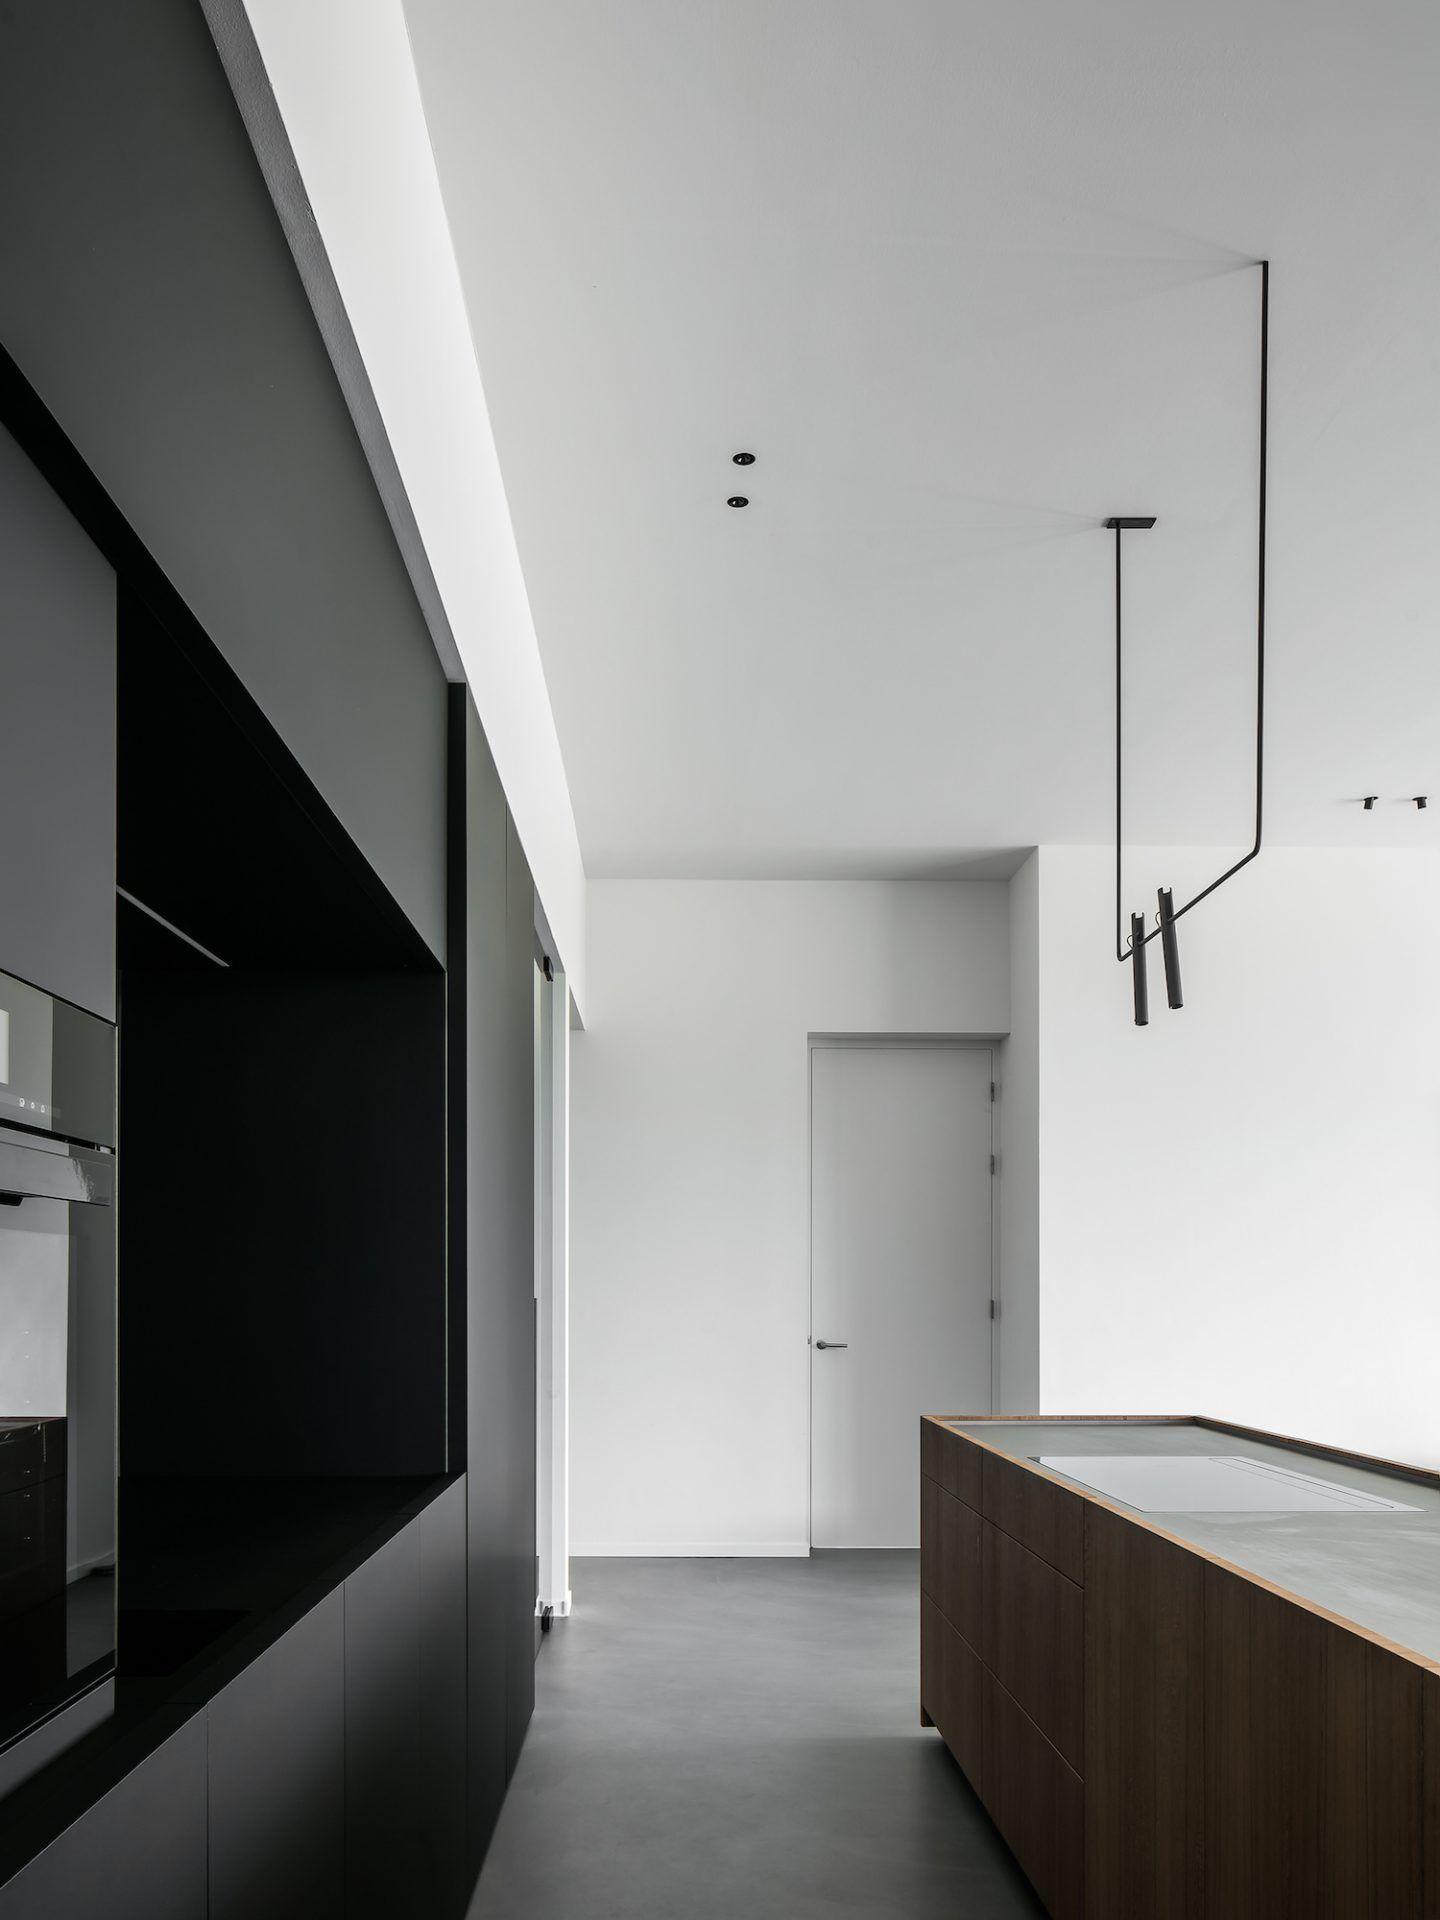 IGNANT-Architecture-Niels-Maier-Oblique-House-014